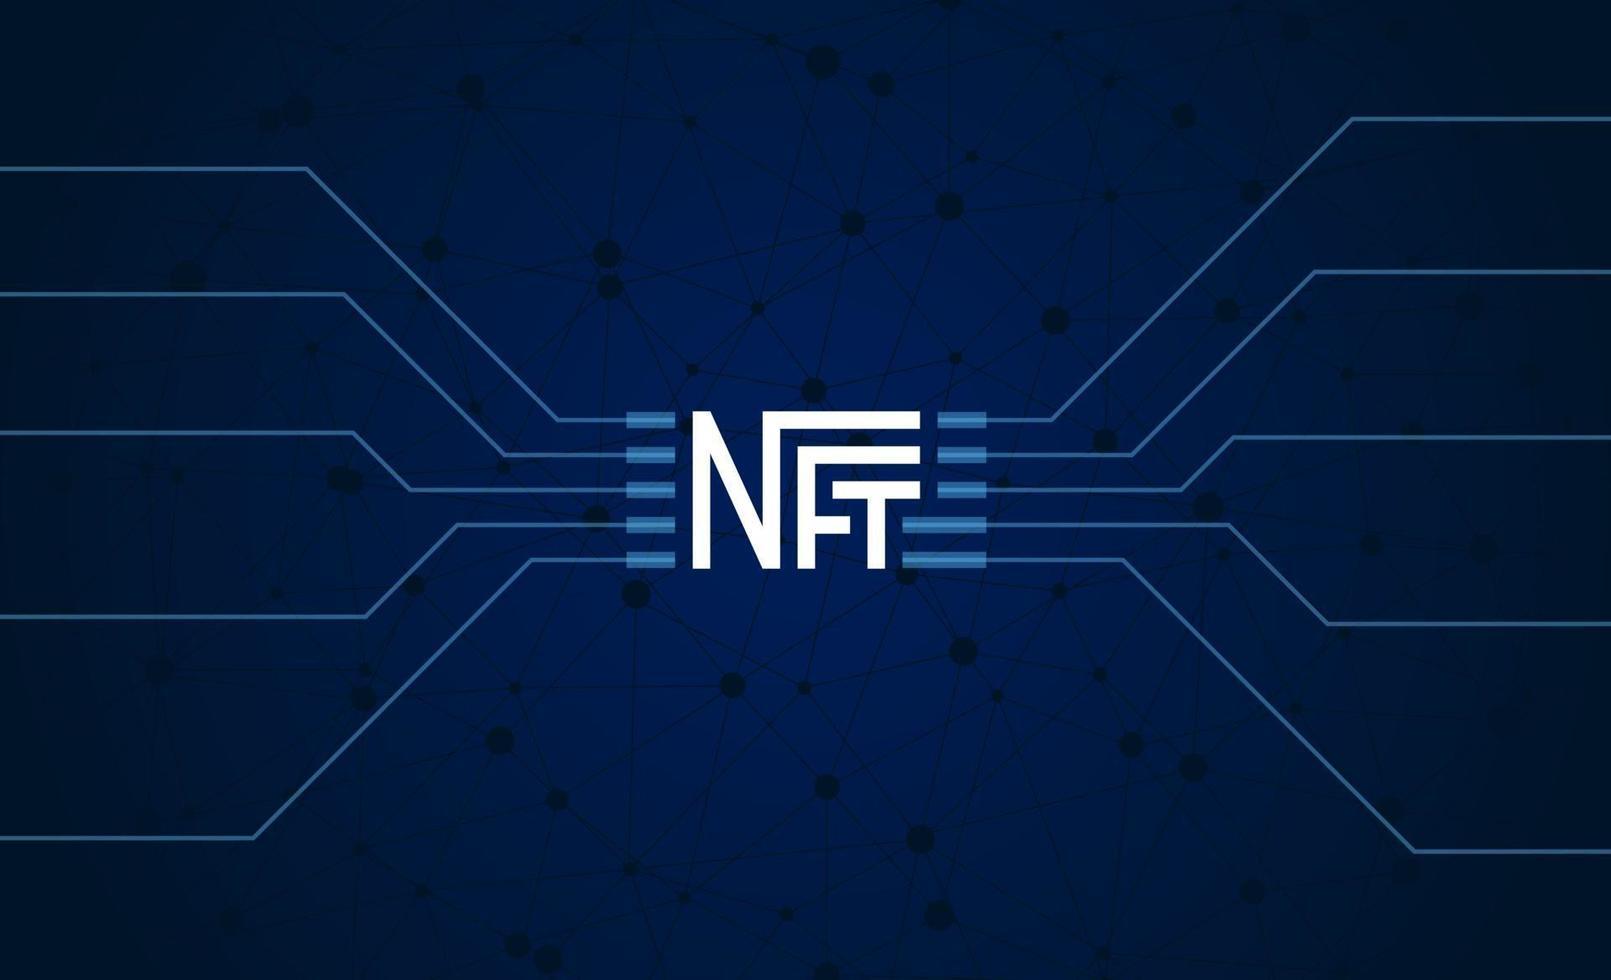 El increíble potencial de los juegos NFT